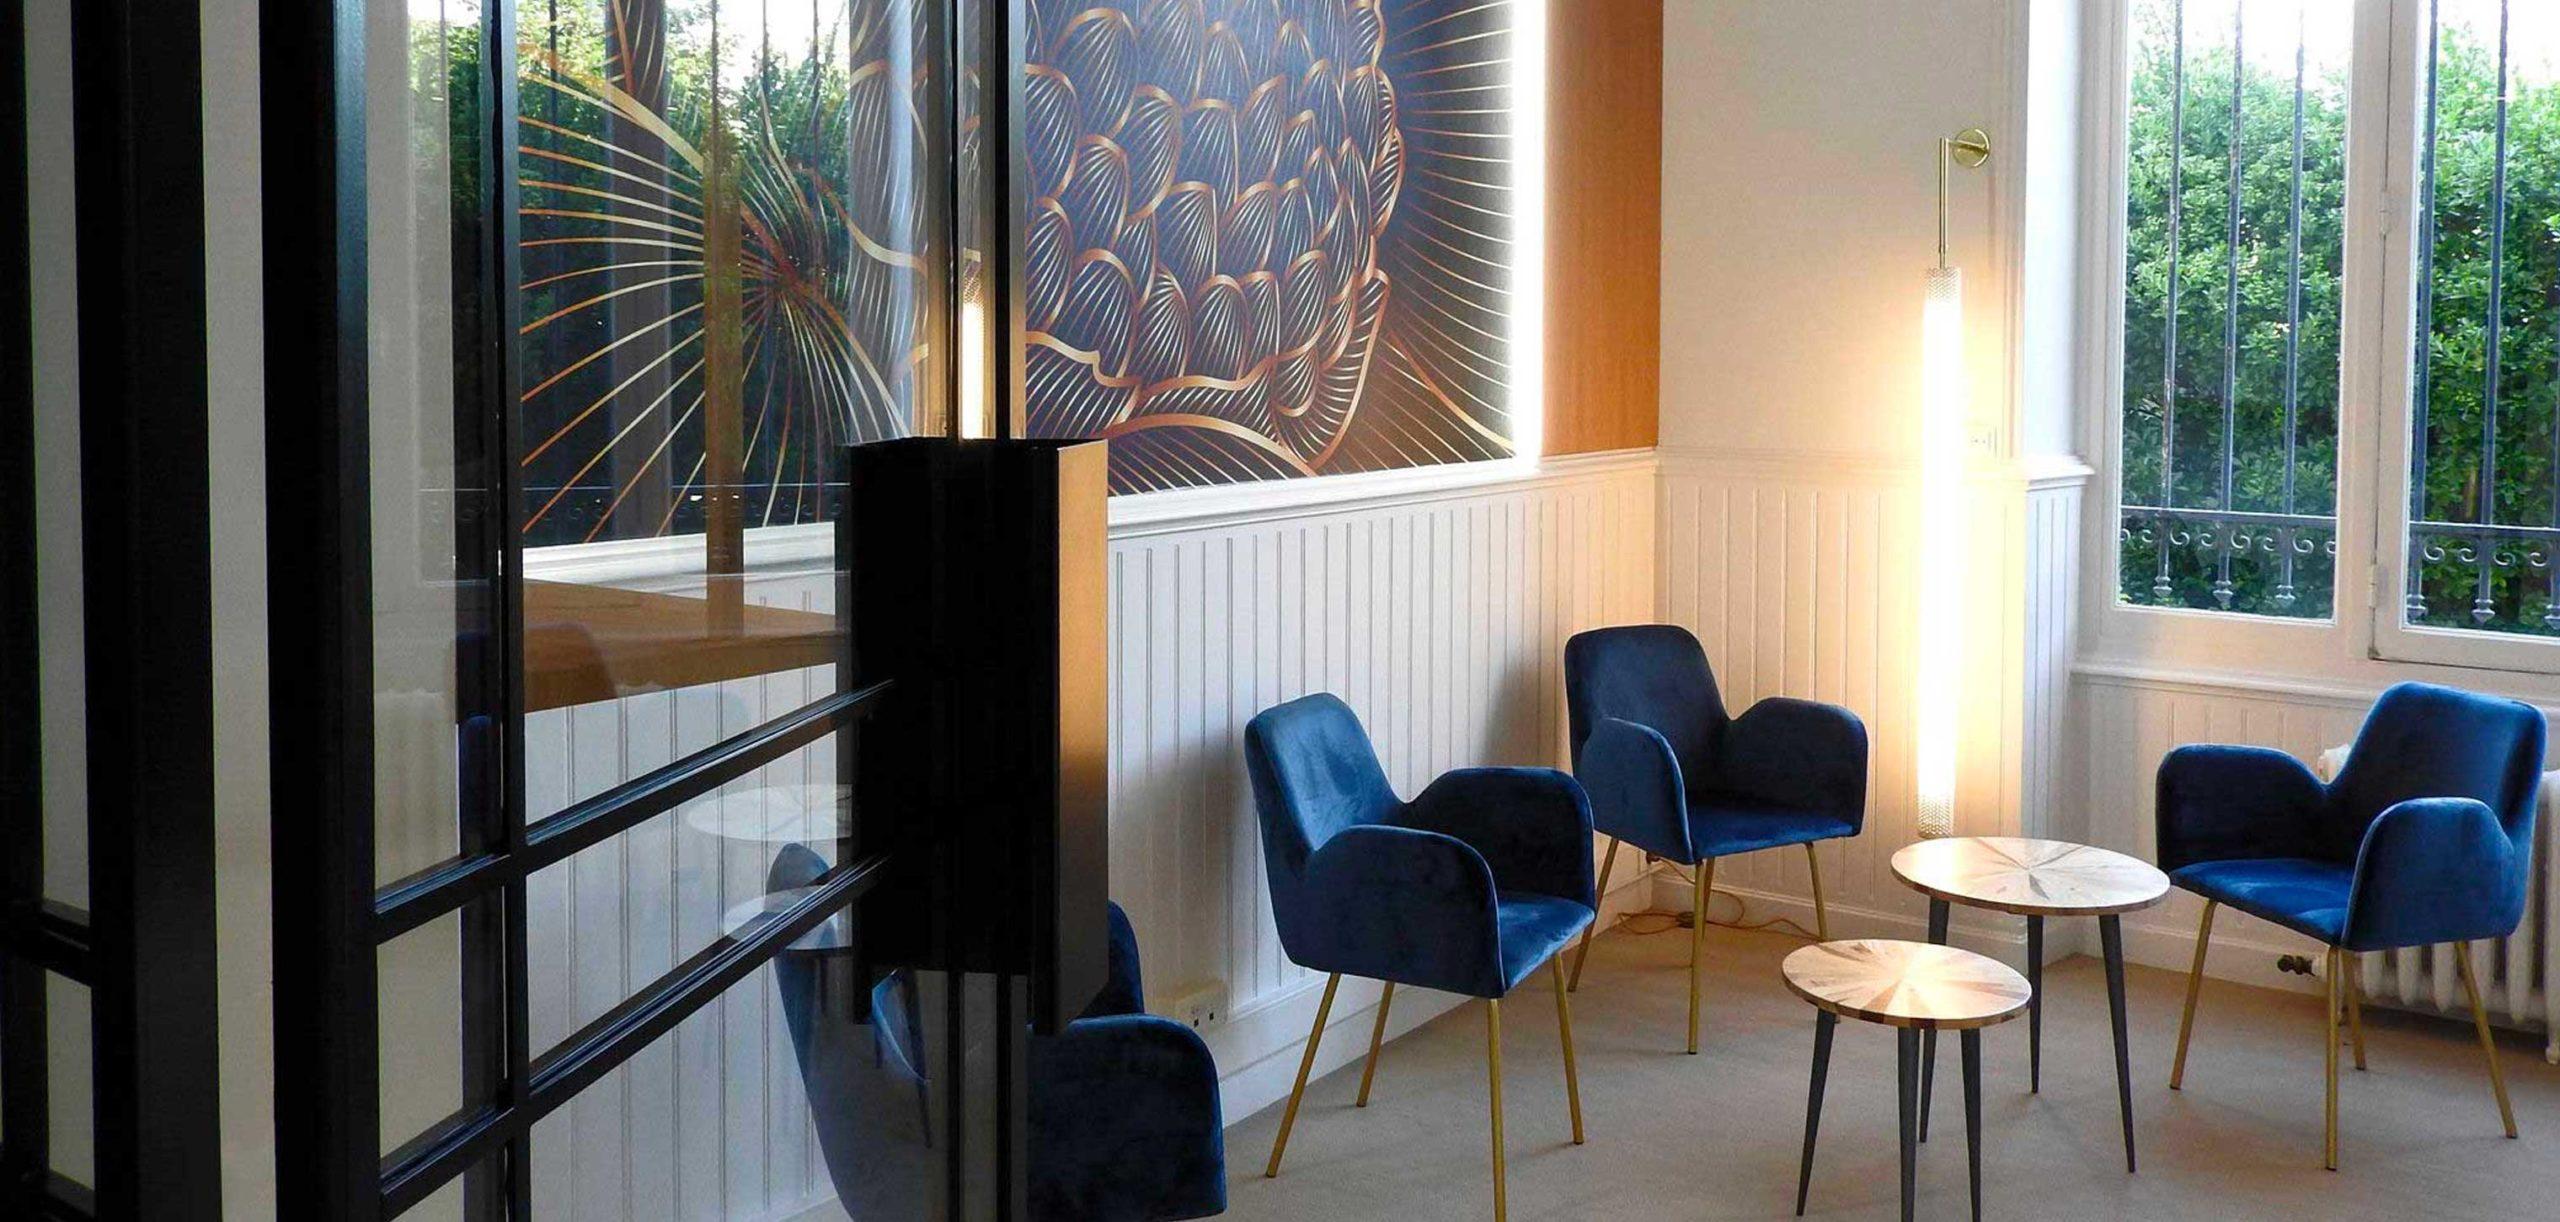 Cabinet D Architecte Caen jahan architectes - architecte dplg et architecte d'intérieur